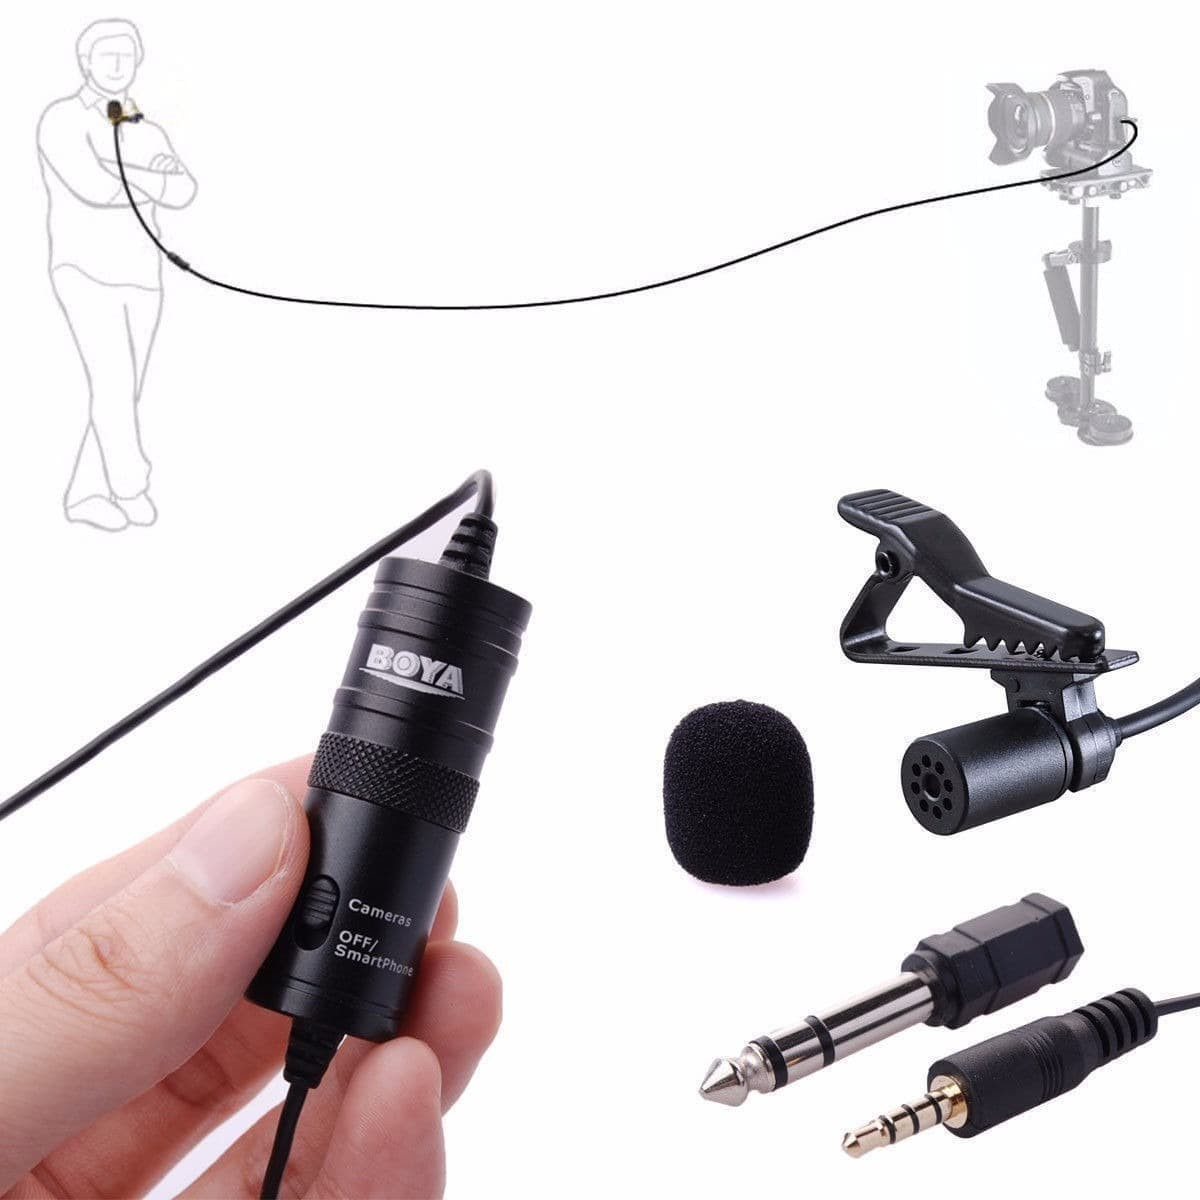 Microfone Lapela Boya BY-M1 Original Cabo 6m + Bolsa p/ Câmeras e Smartphone - Preto